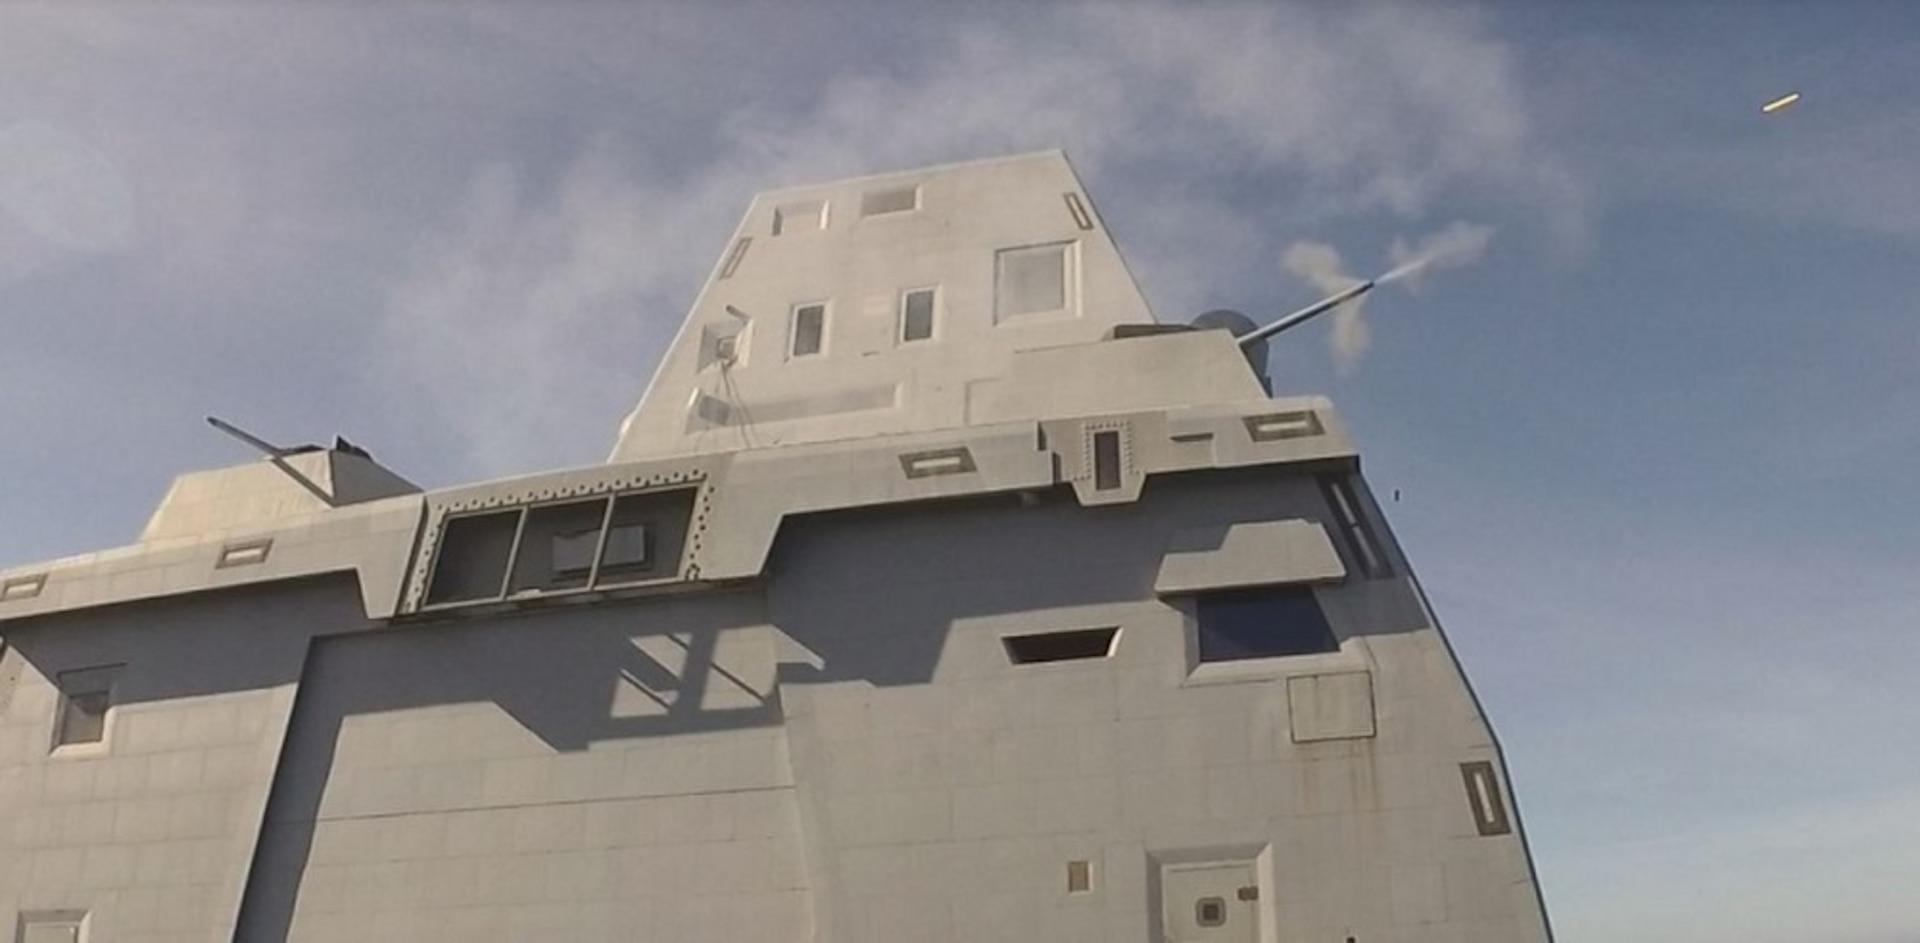 USS Zumwalt Completes First Live Fire Test